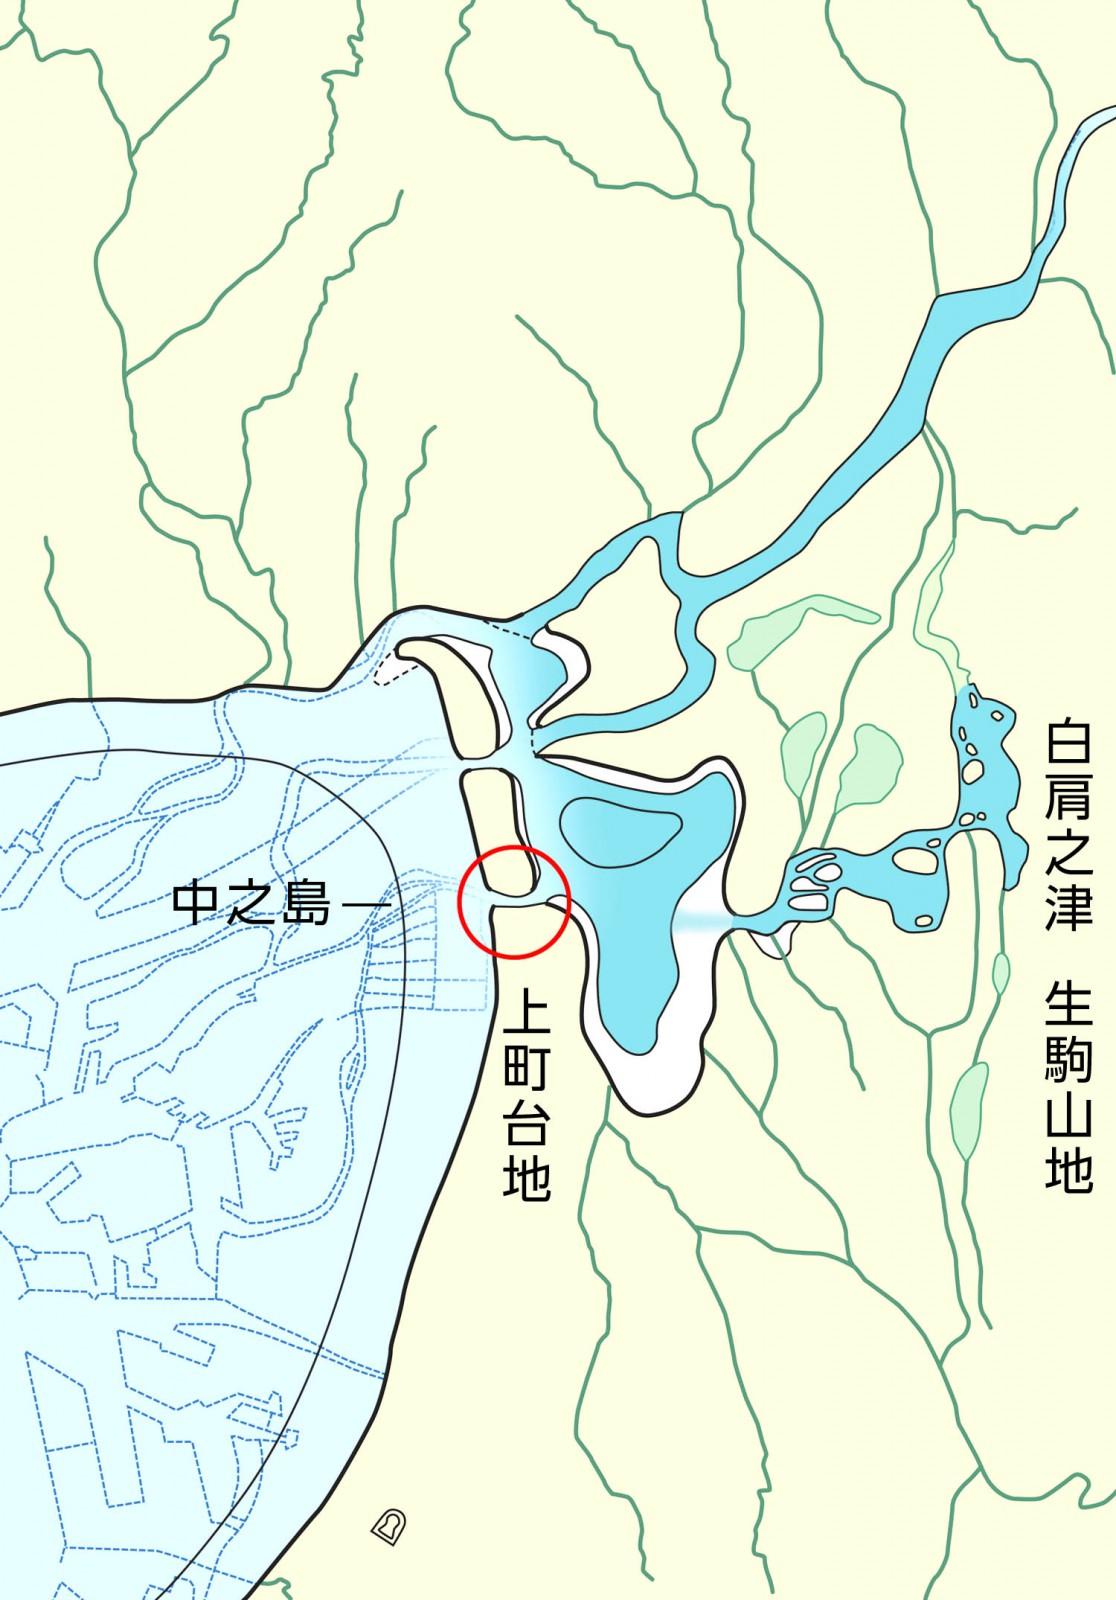 5世紀頃の古地理図 − この時代には難波の堀江(〇印)ができているので大阪湾からまっすぐ白肩之津に行けたであろう。